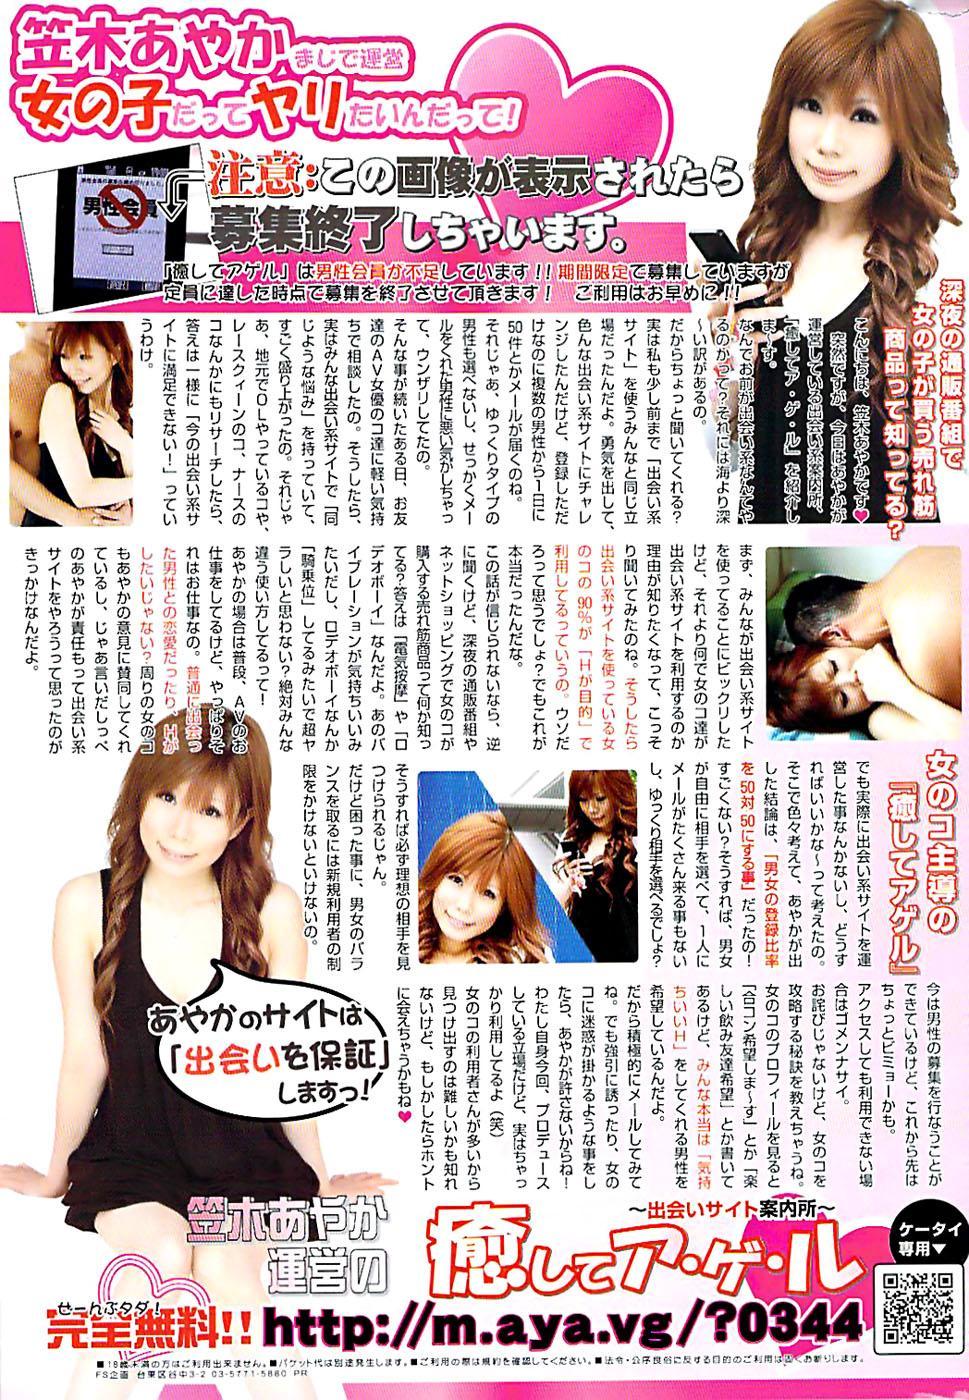 COMIC Shitsurakuten 2009-02 292